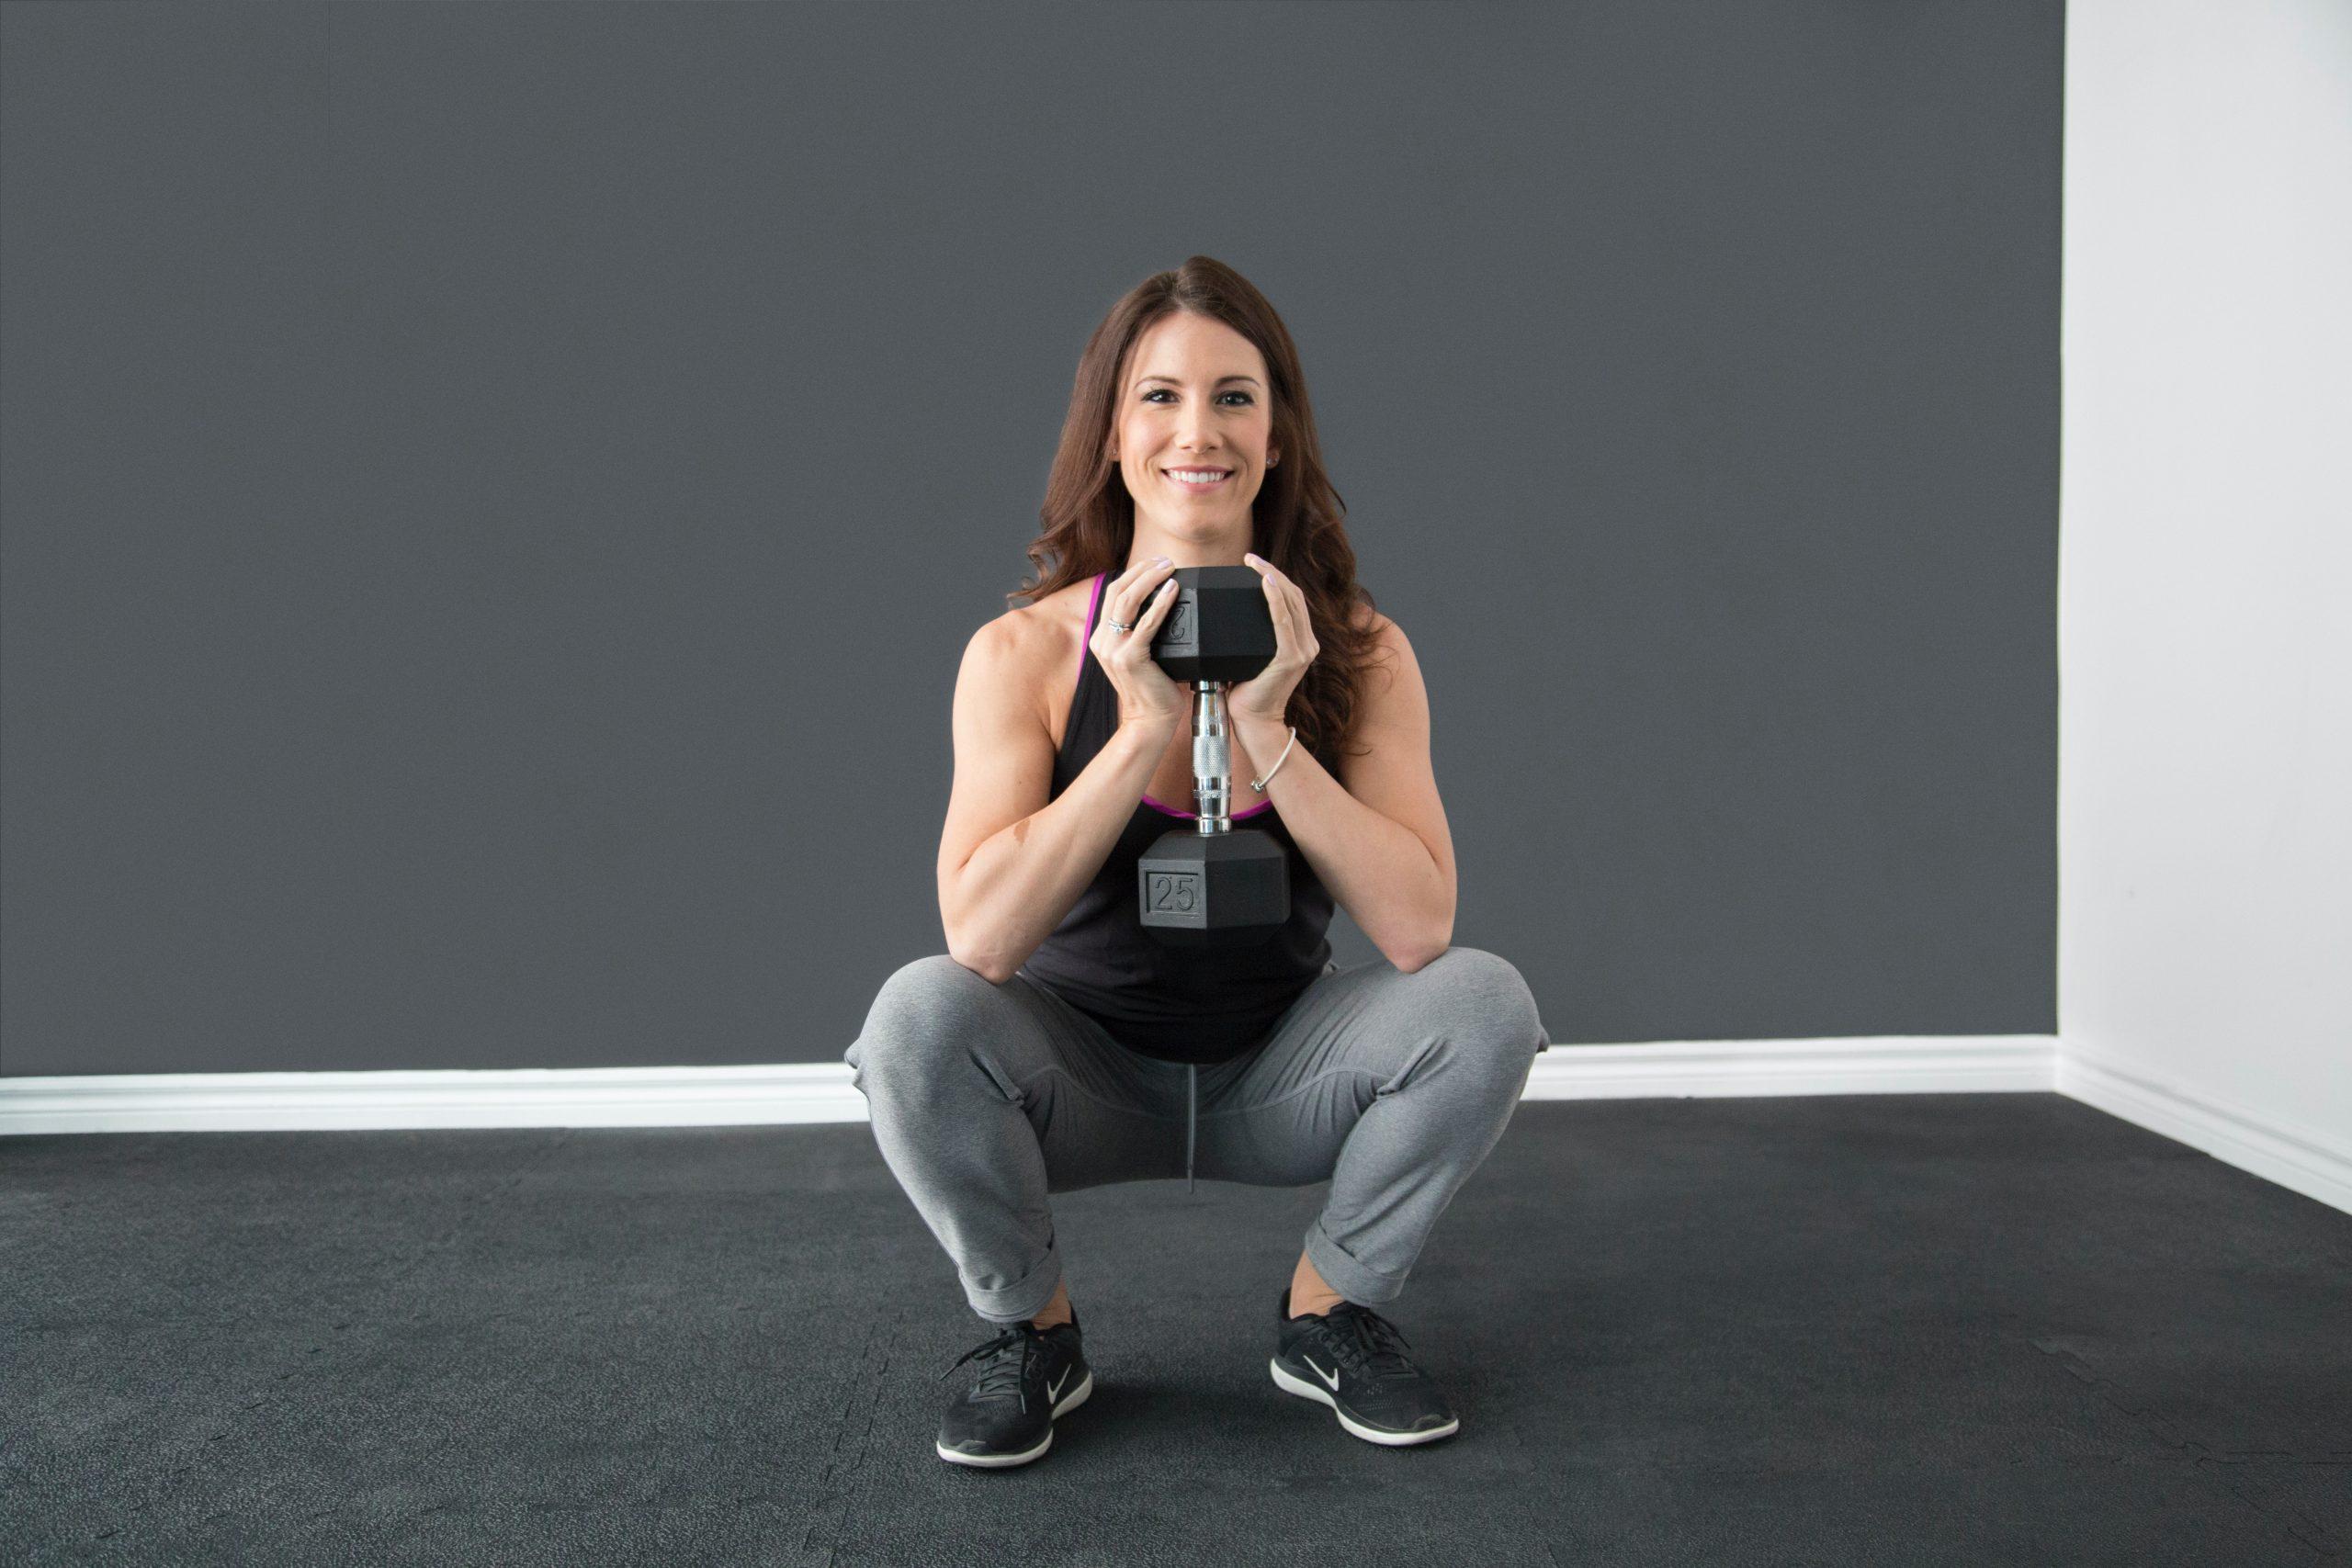 Mujer haciendo sentadillas con peso